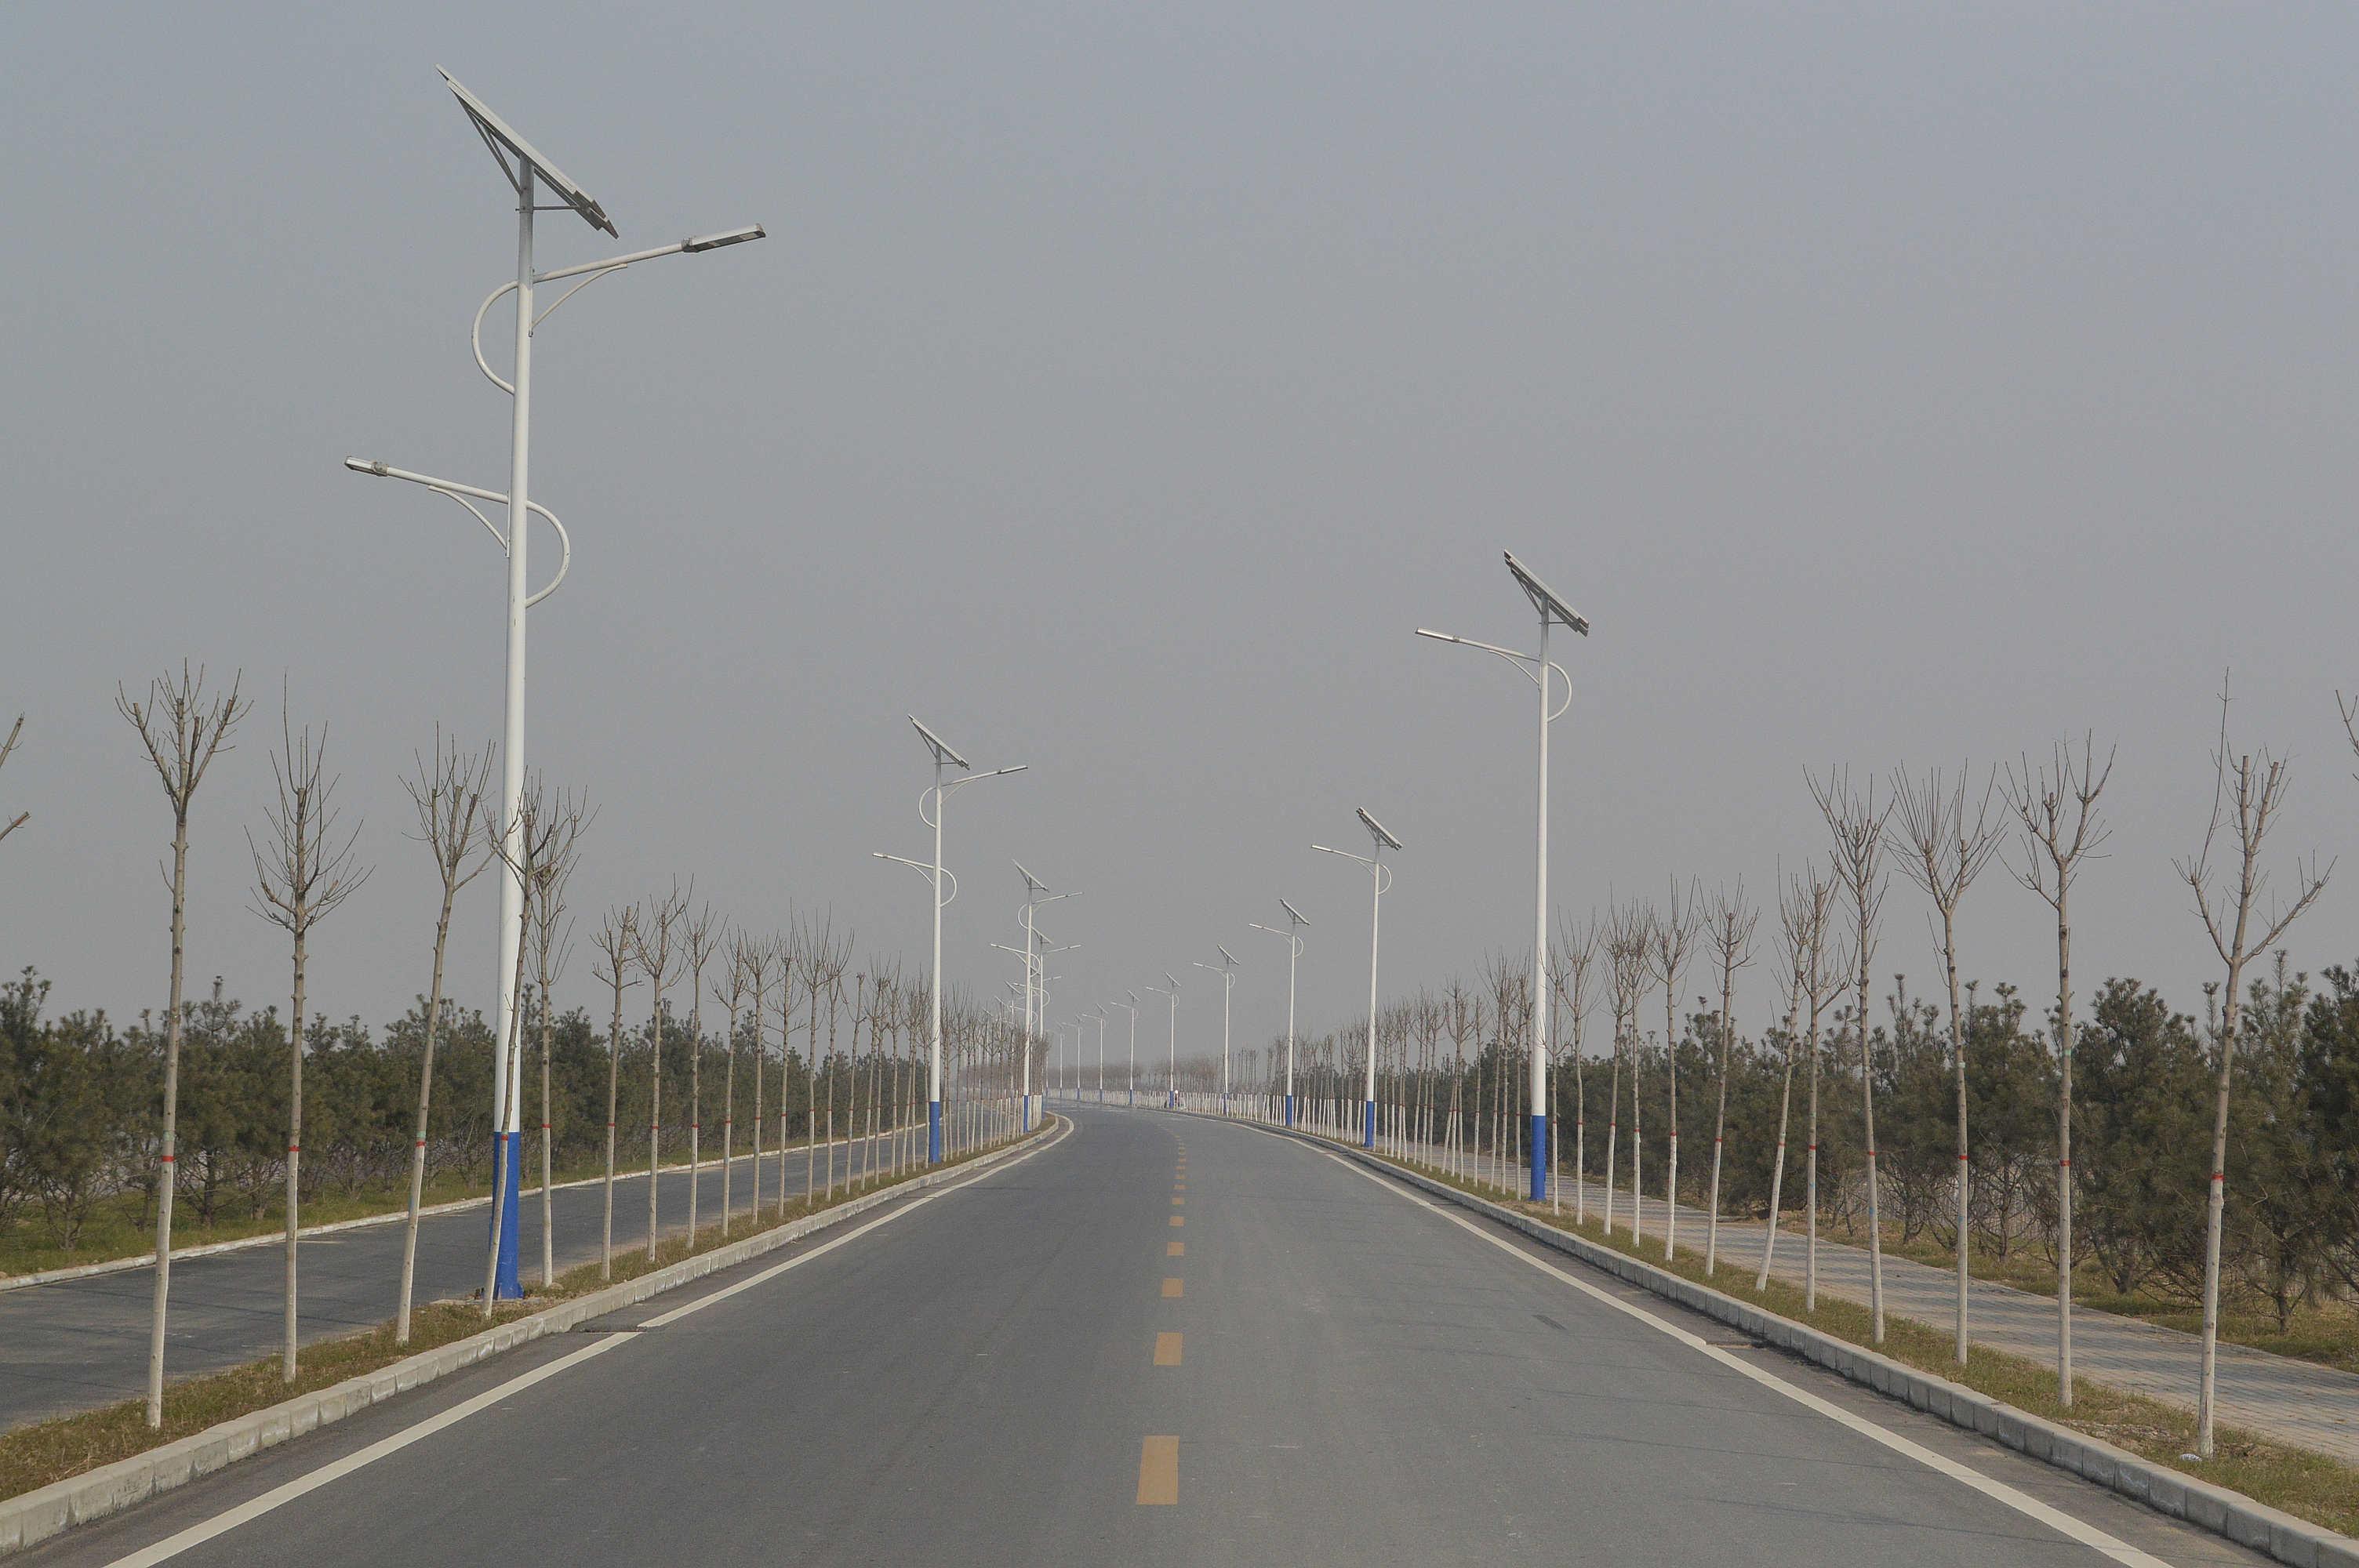 浅析沈阳高杆灯照明具有哪些优势?